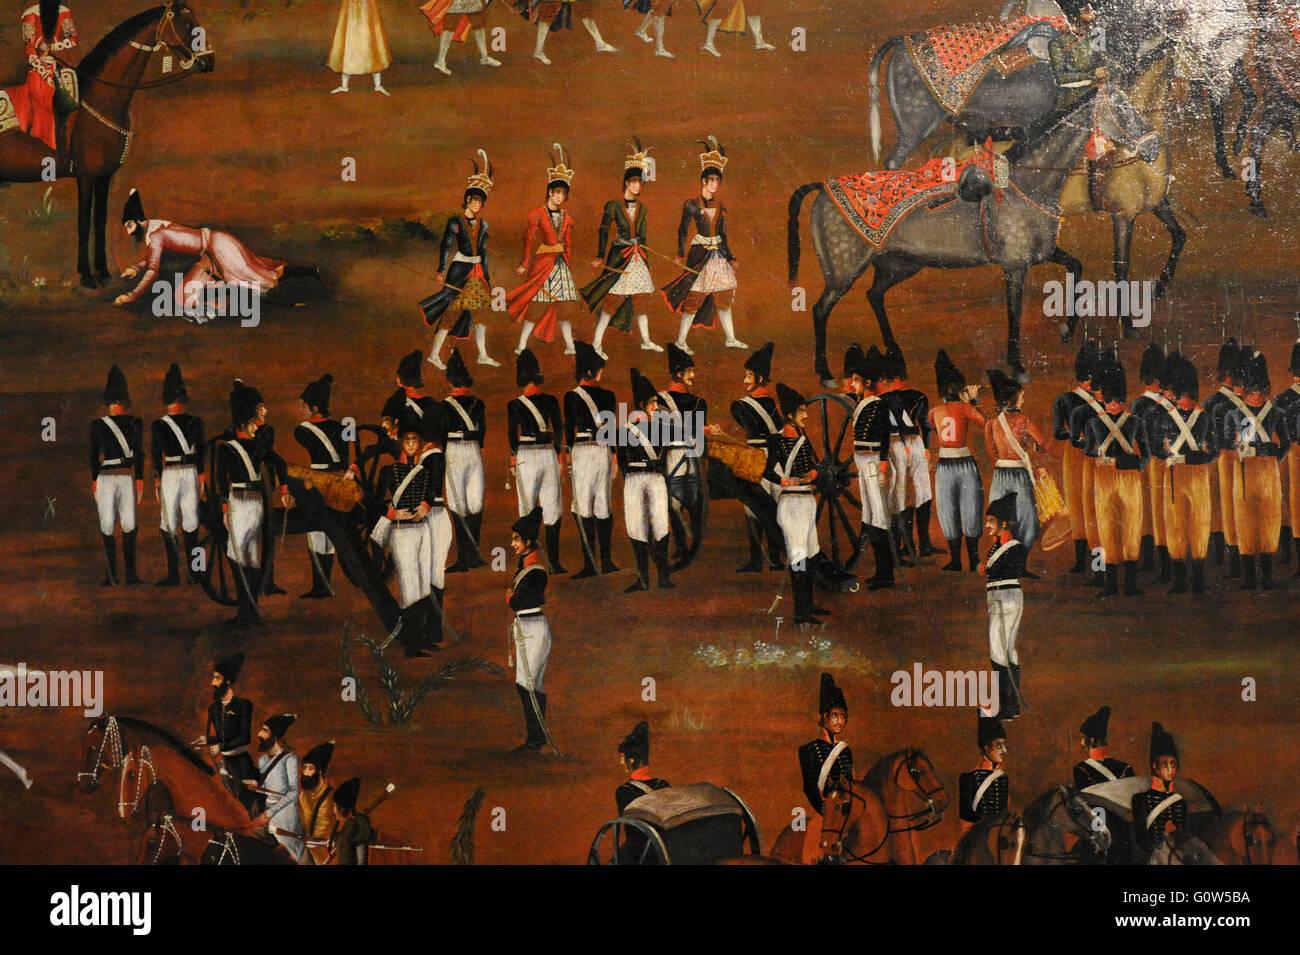 Artista sconosciuto. Revisione dell'esercito Presian da Fath 'Ali Shah. Iran, ca. 1815-1816. Olio su tela. Immagini Stock